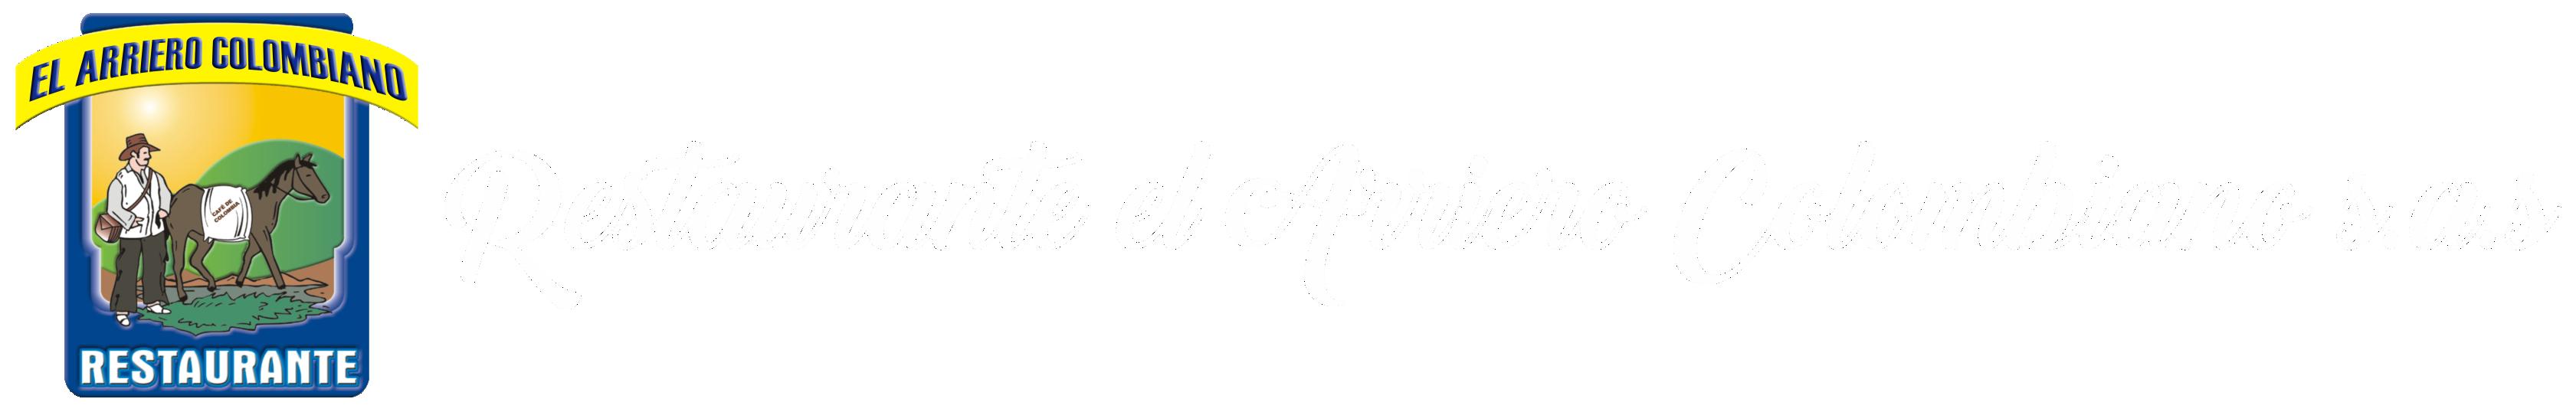 Restaurante el Rancherito Antioqueño